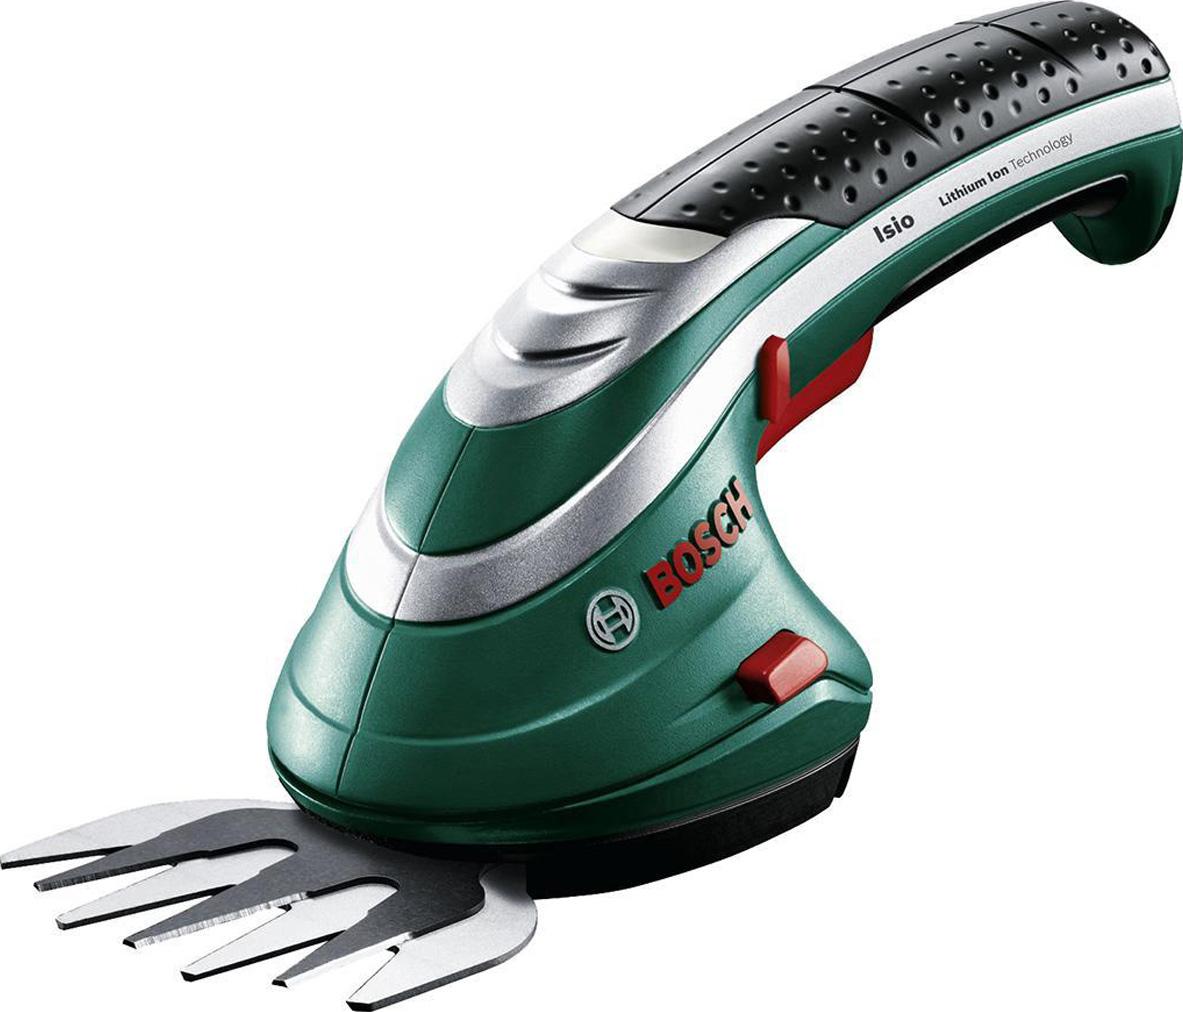 Аккумуляторные ножницы для травы Bosch ISIO 3 + чехол 0600833100 аккумуляторные ножницы bosch isio ручка 0 600 833 105